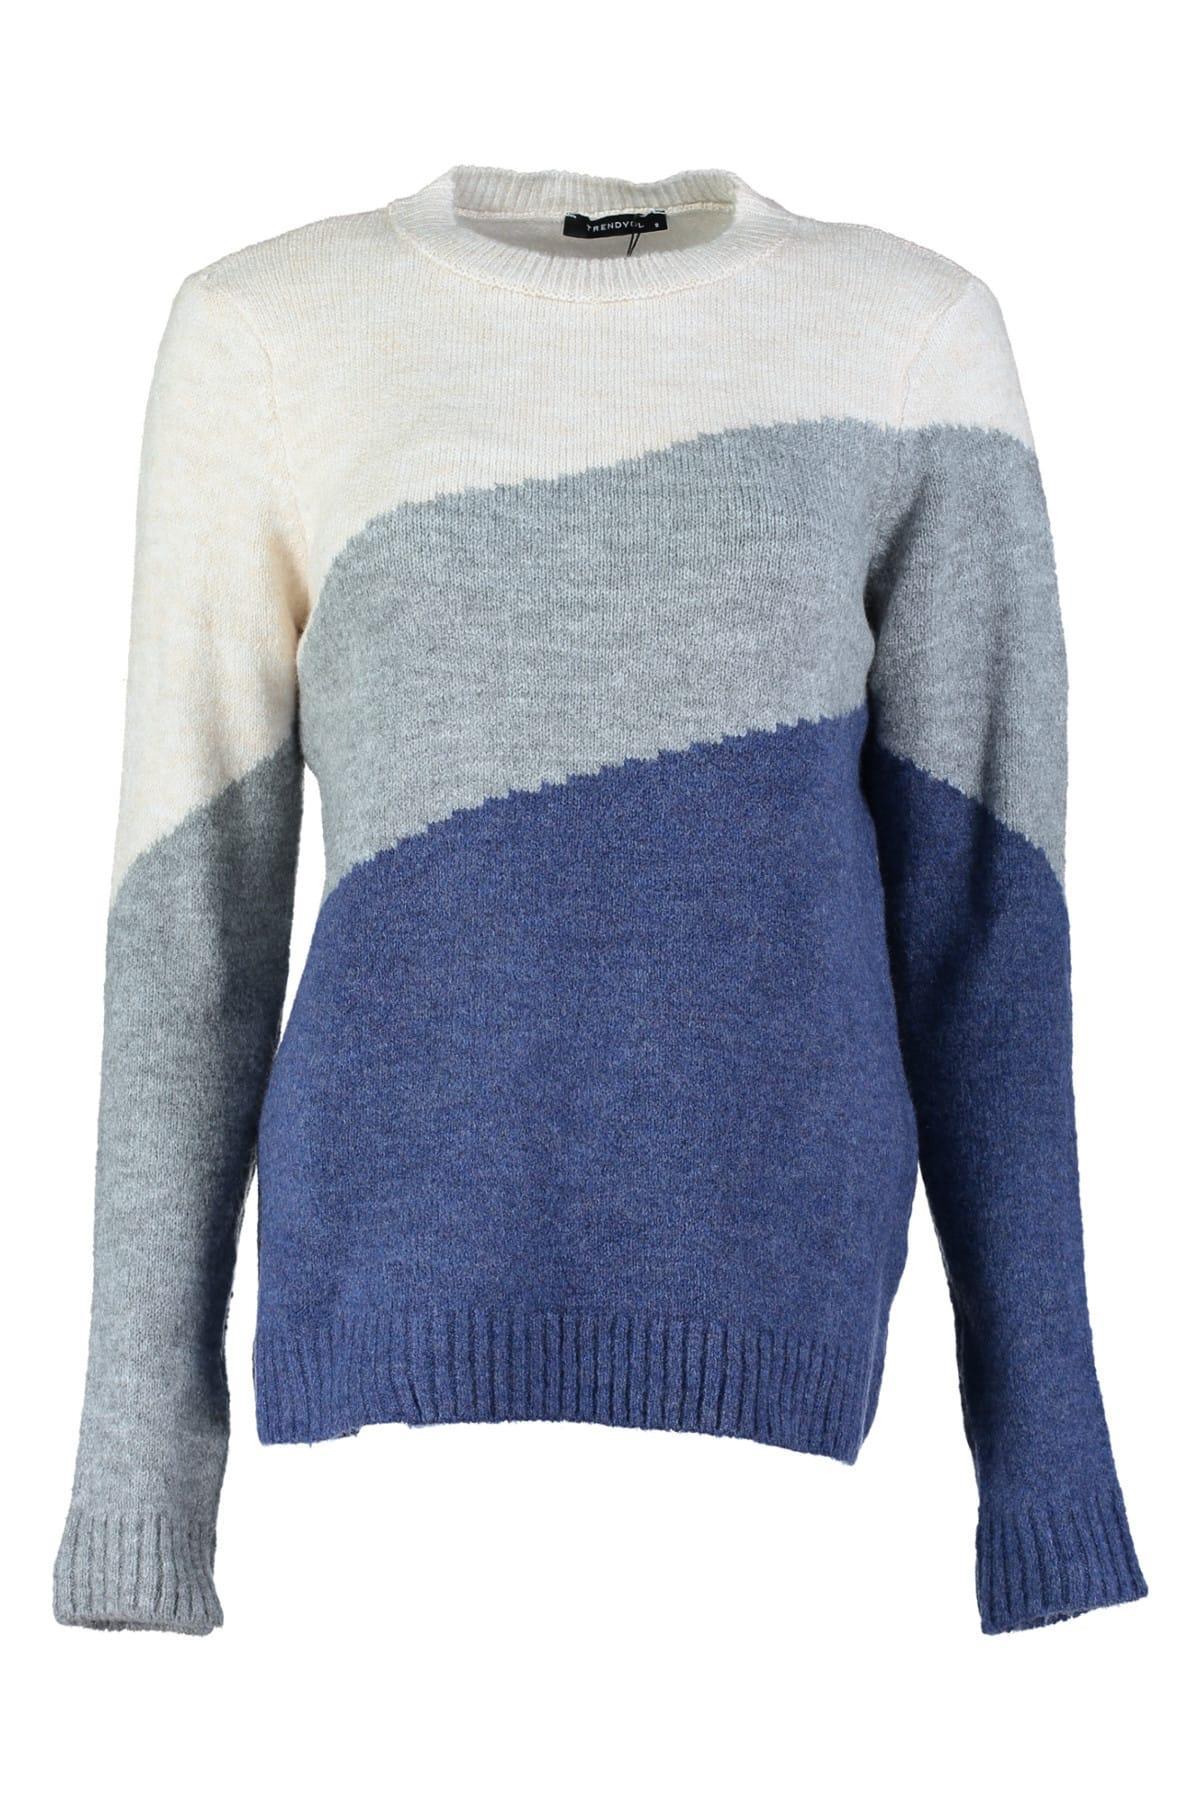 Trendyol WOMEN-Navy Blue Colorblock Sweater Sweater TWOAW20FV0058